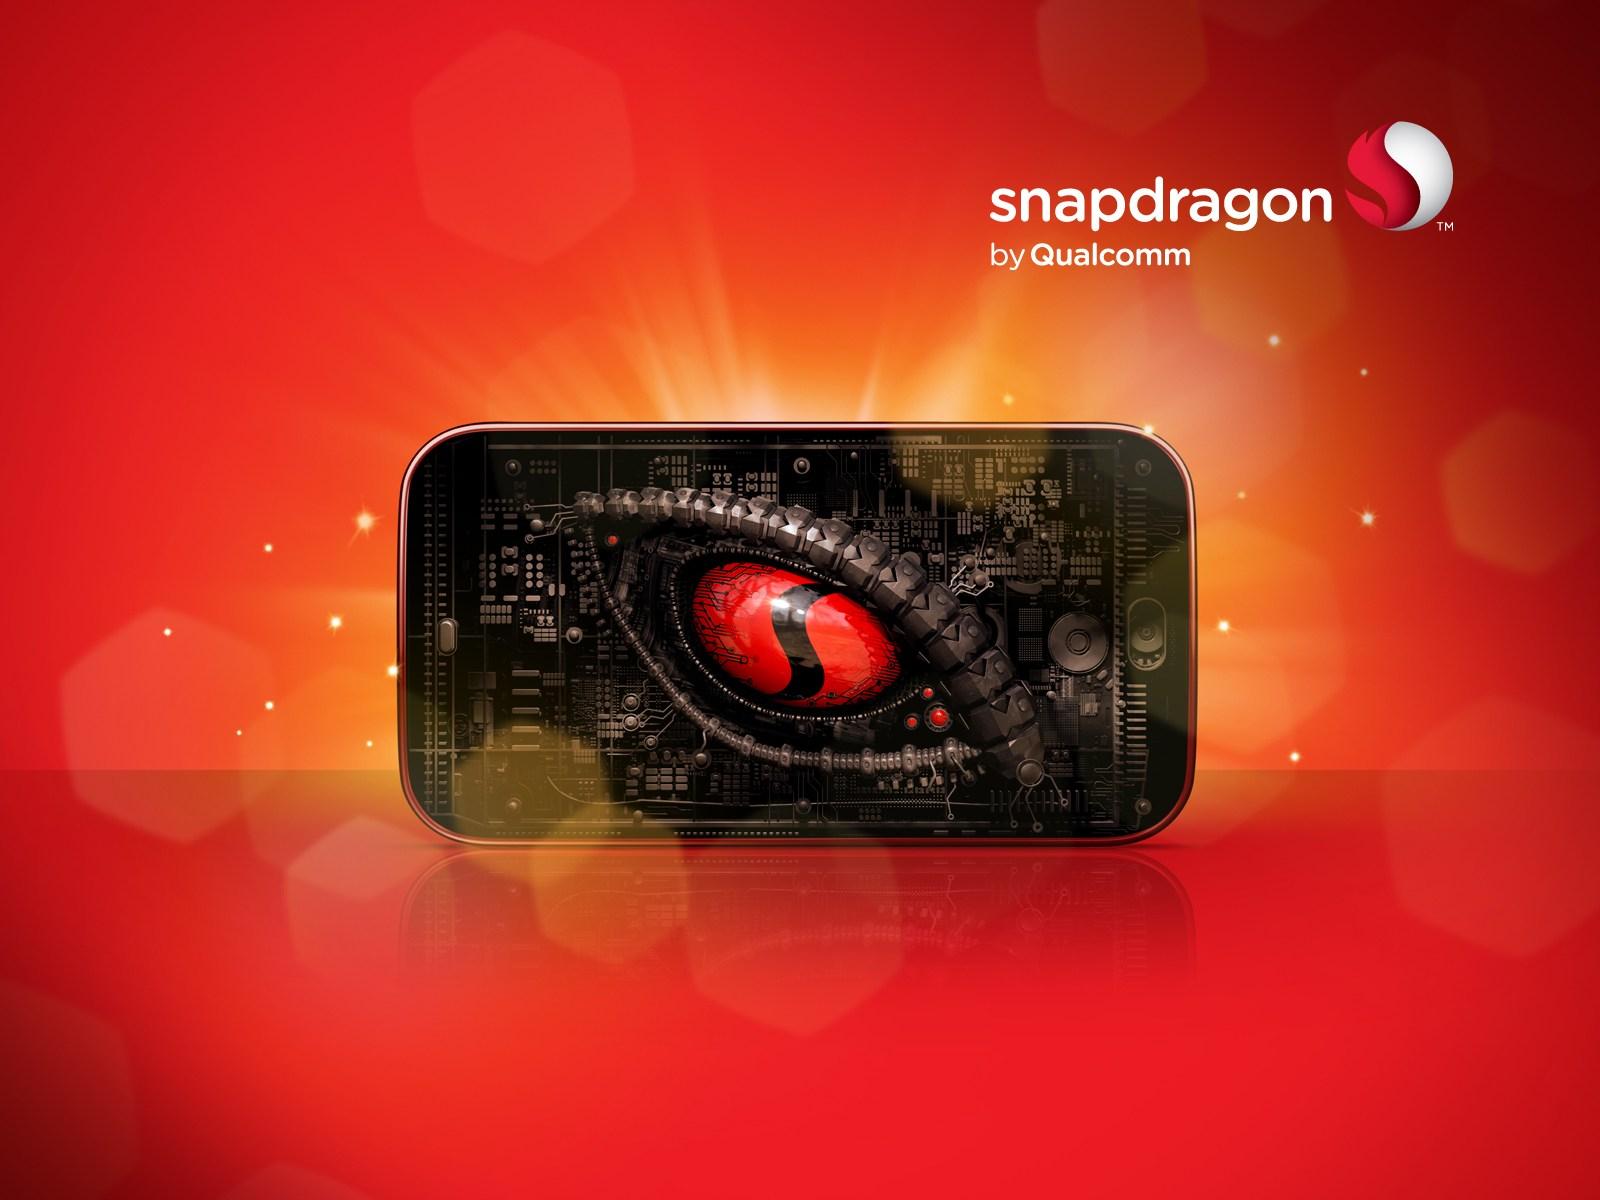 Qualcomm chystá Snapdragon 735, bude pro prémiovou řadu mobilů